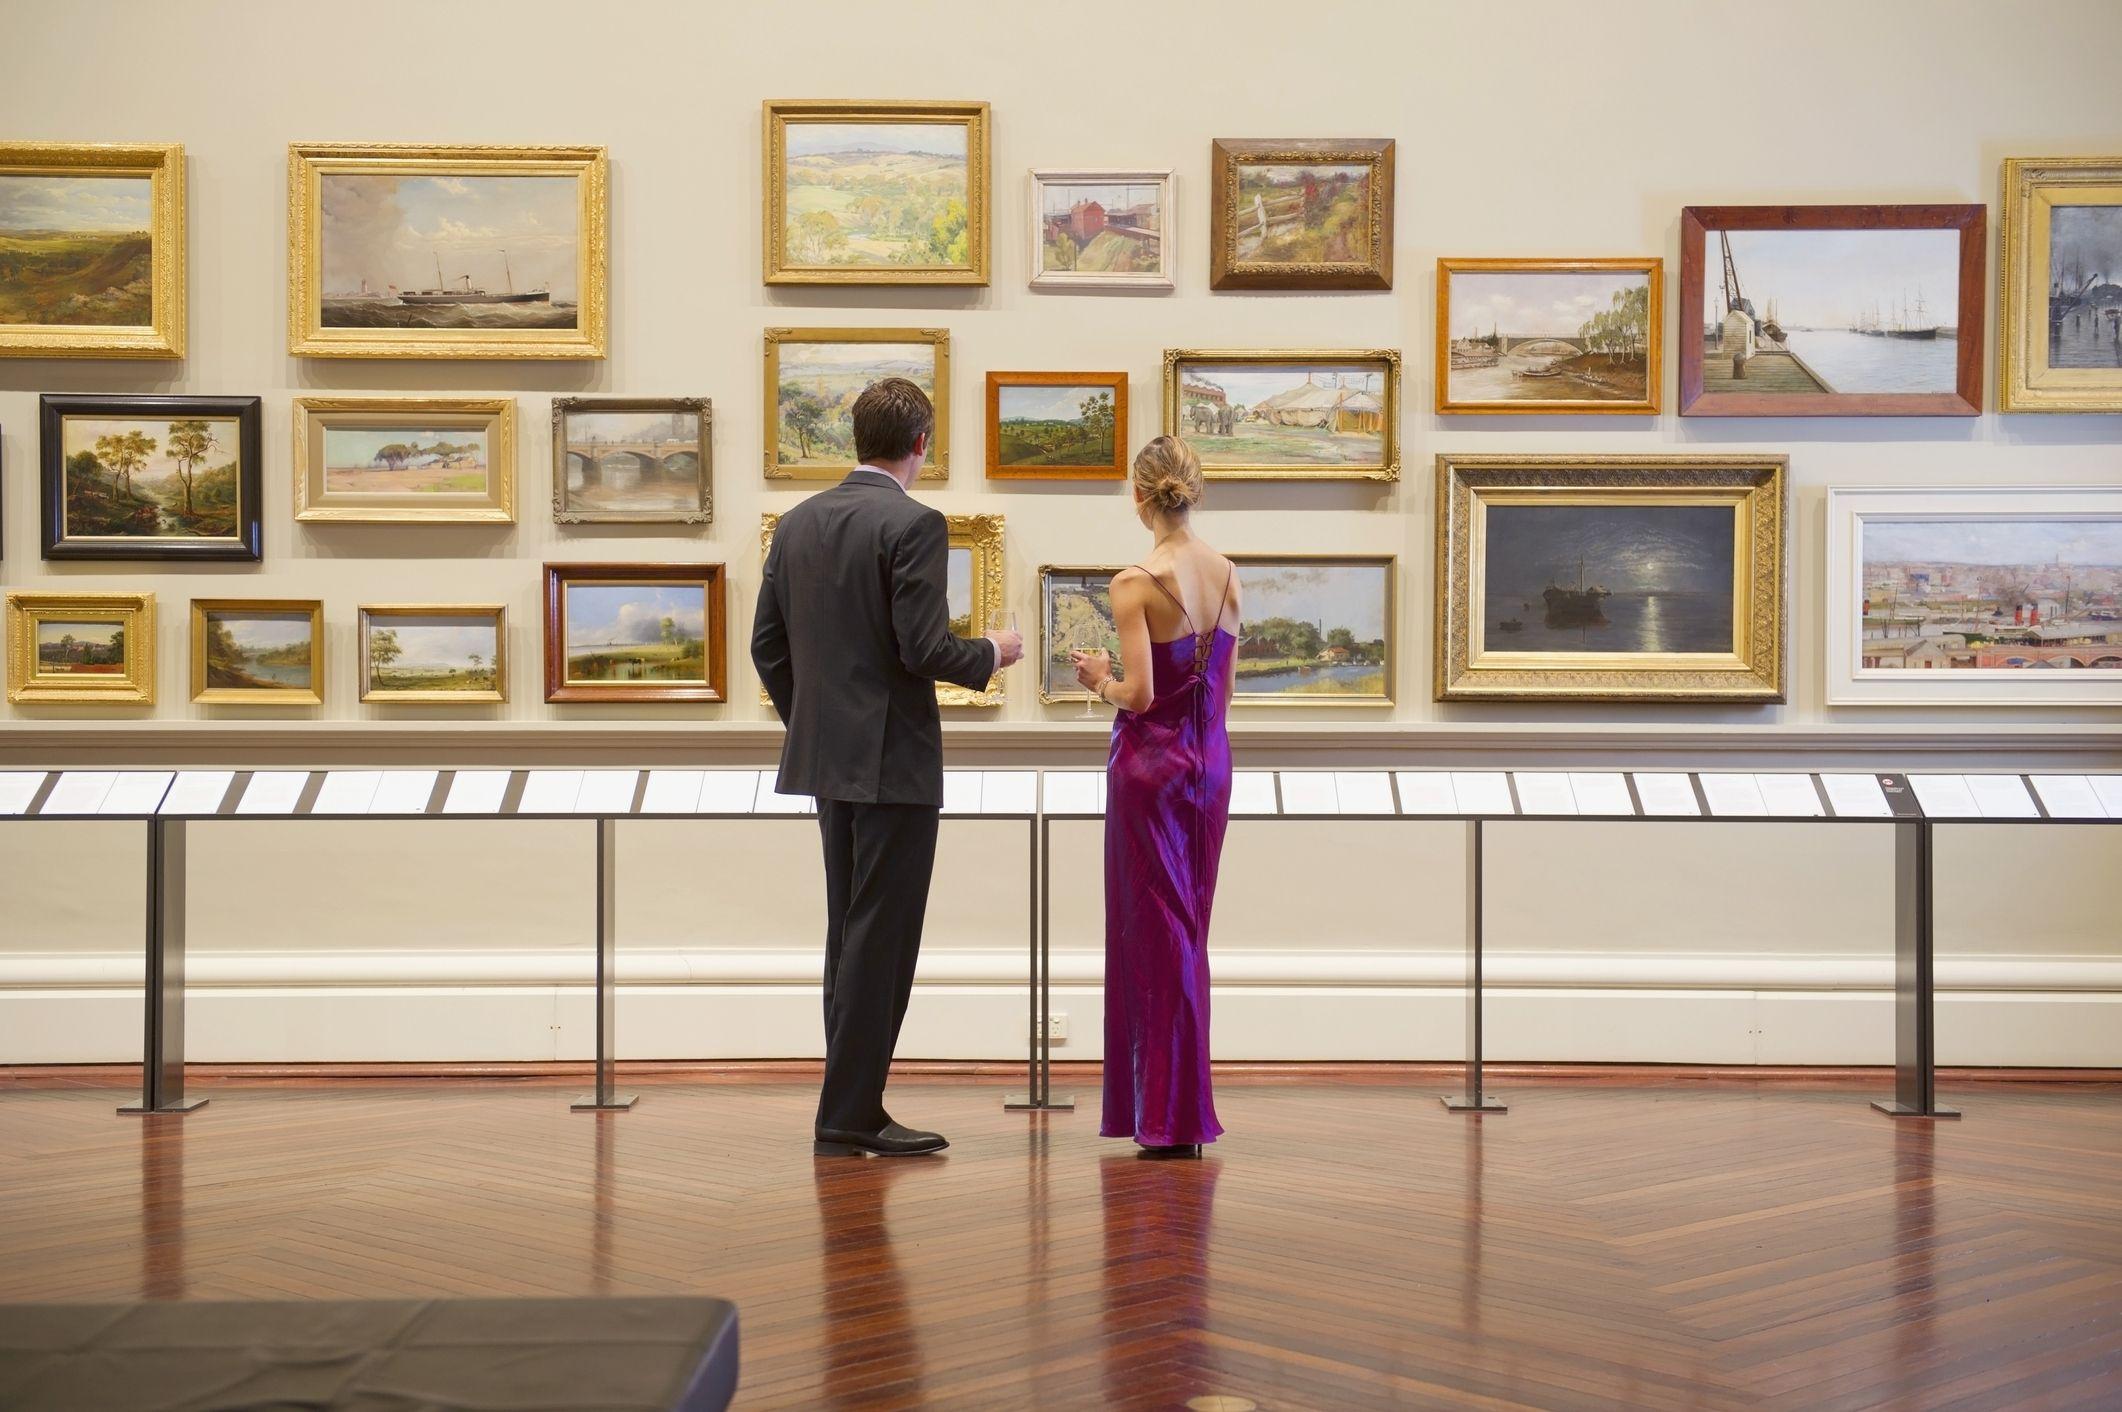 kaukaasia paar õhtul kannab muuseumis imetlevat kunsti